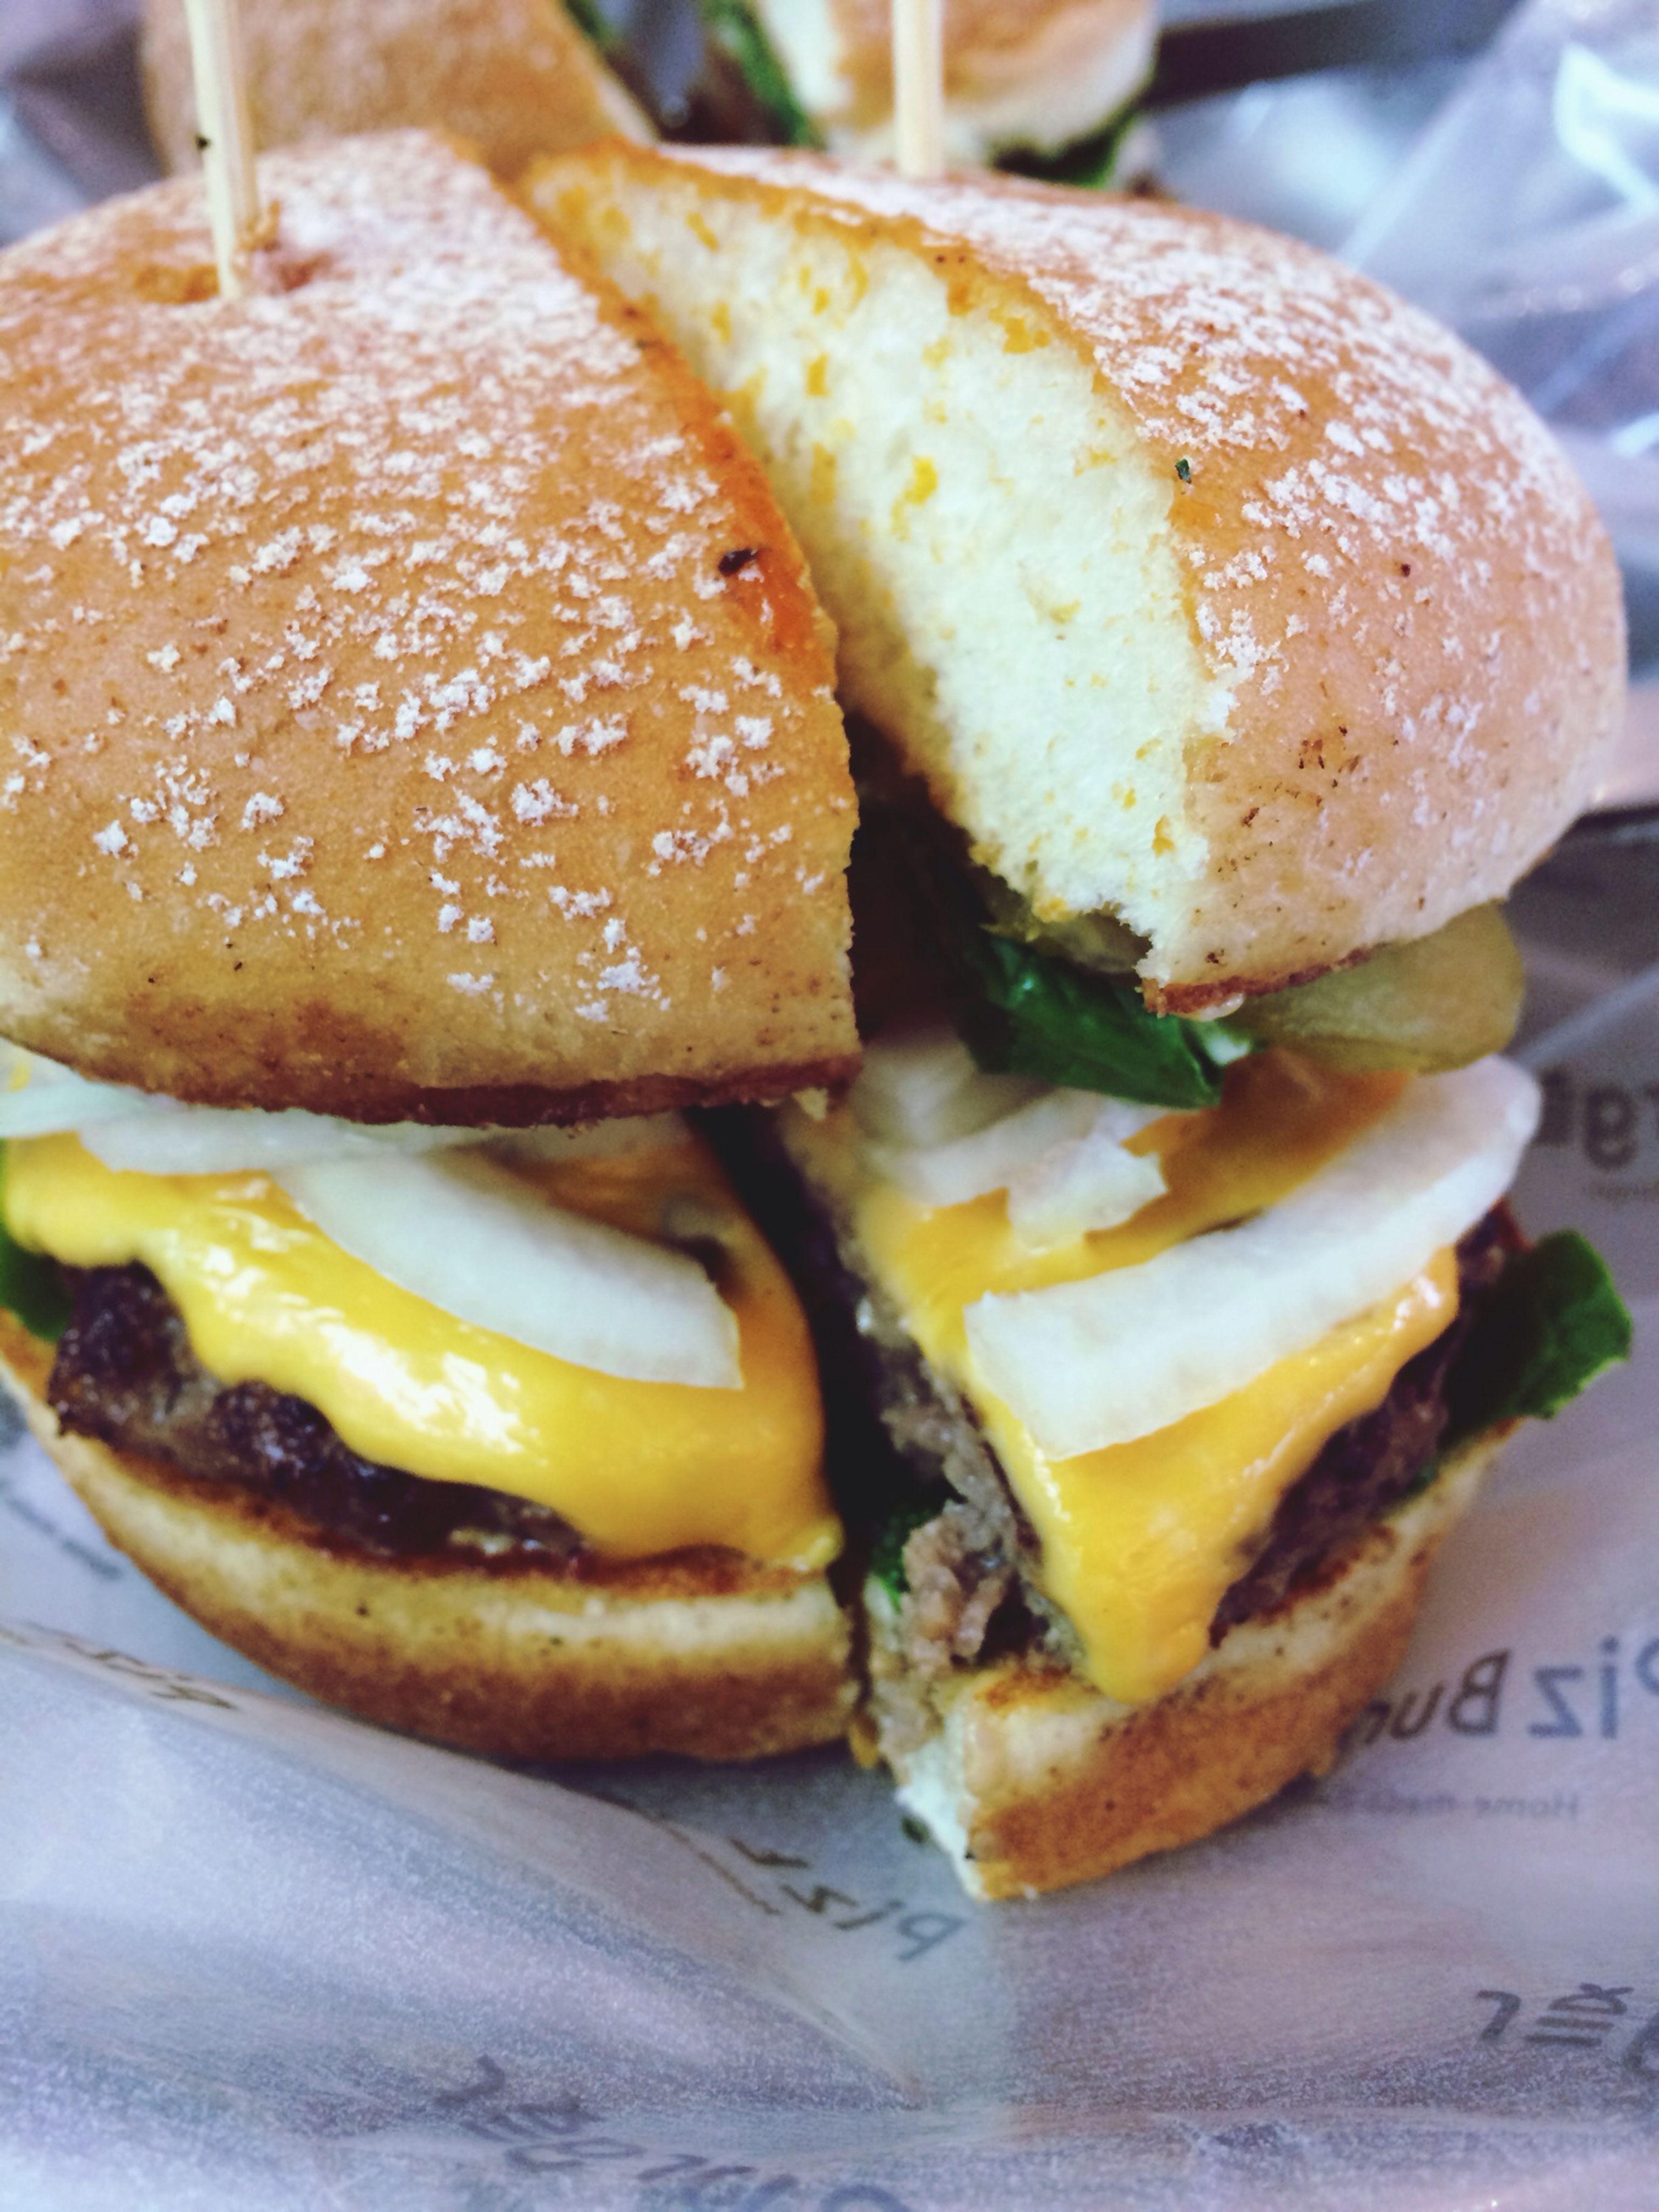 아침,점심,저녁을 다 밖에서 먹었네! 에구구 어제 오늘 지출이 크다. 그래도 햄버거 맛있네!